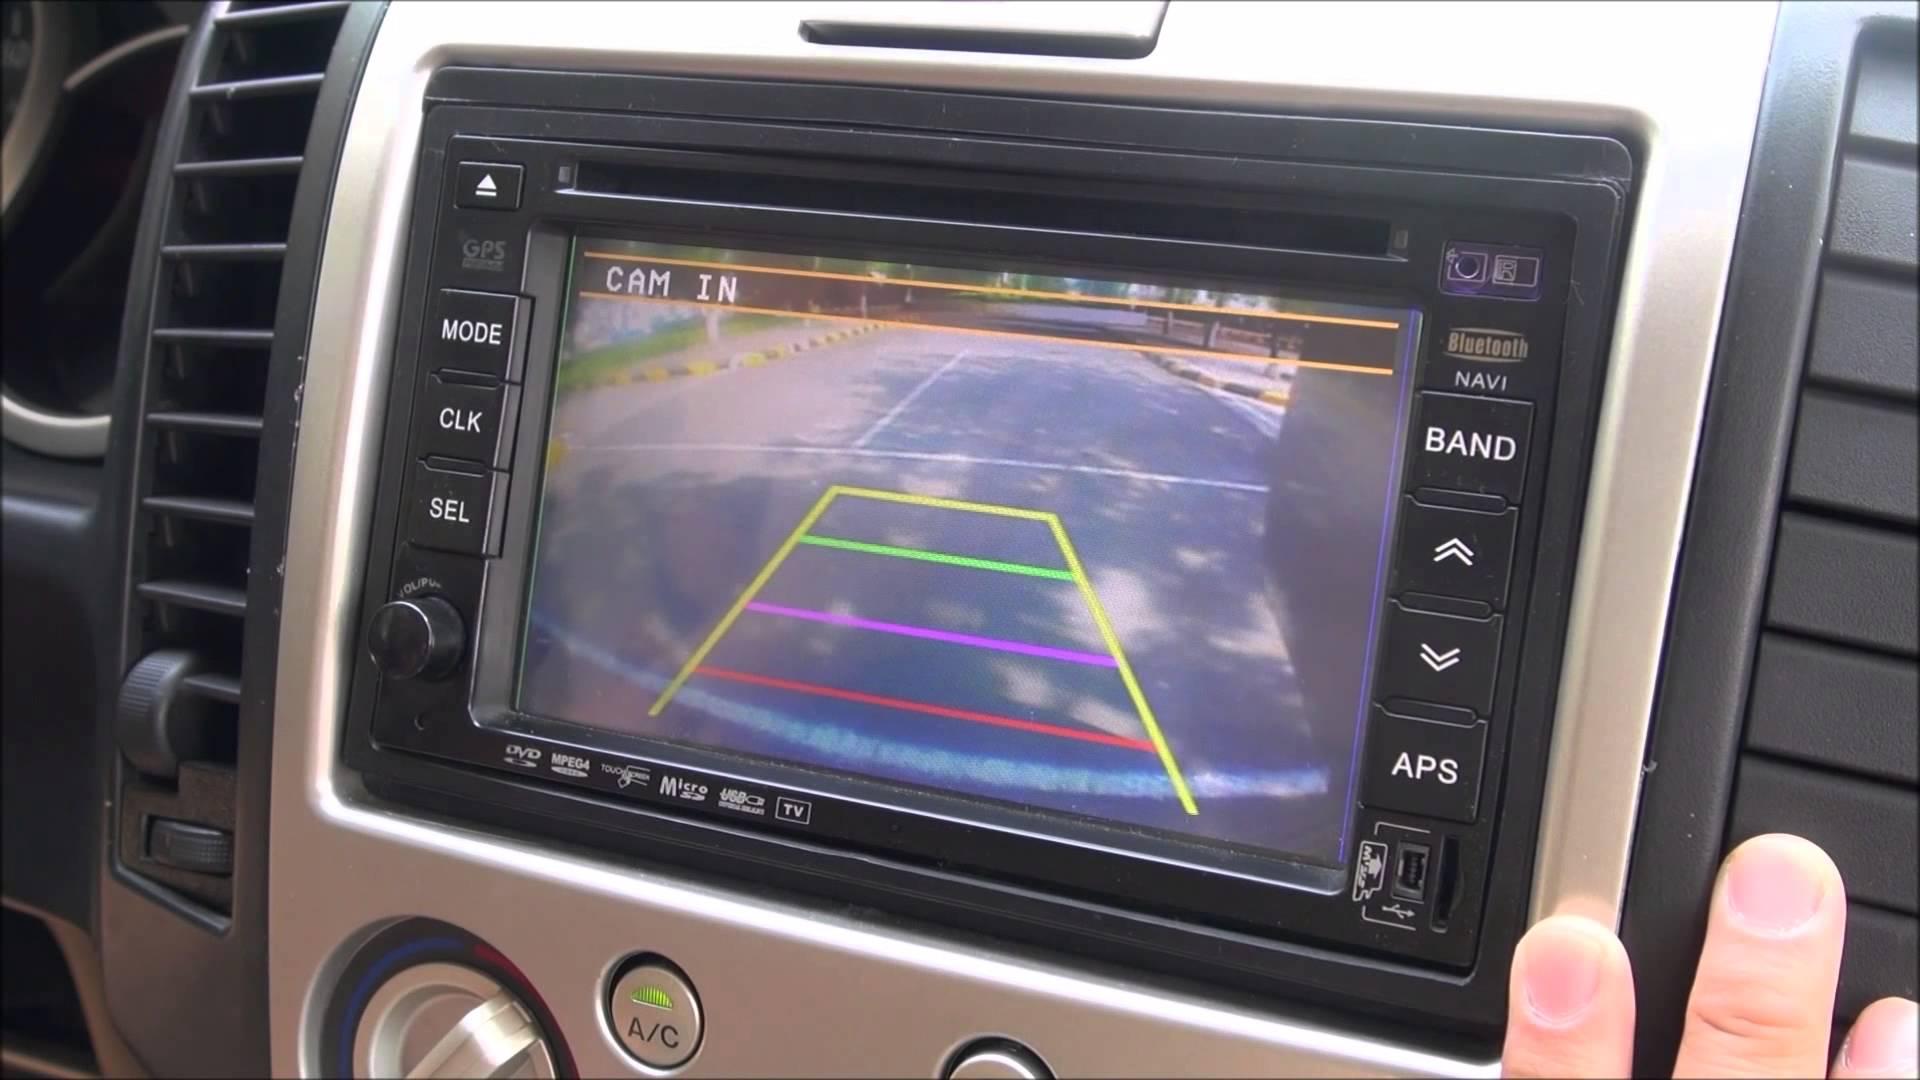 camera lùi xe, camera lùi xe ô tô, lắp camera lùi xe, lắp đặt camera lùi cho ô tô